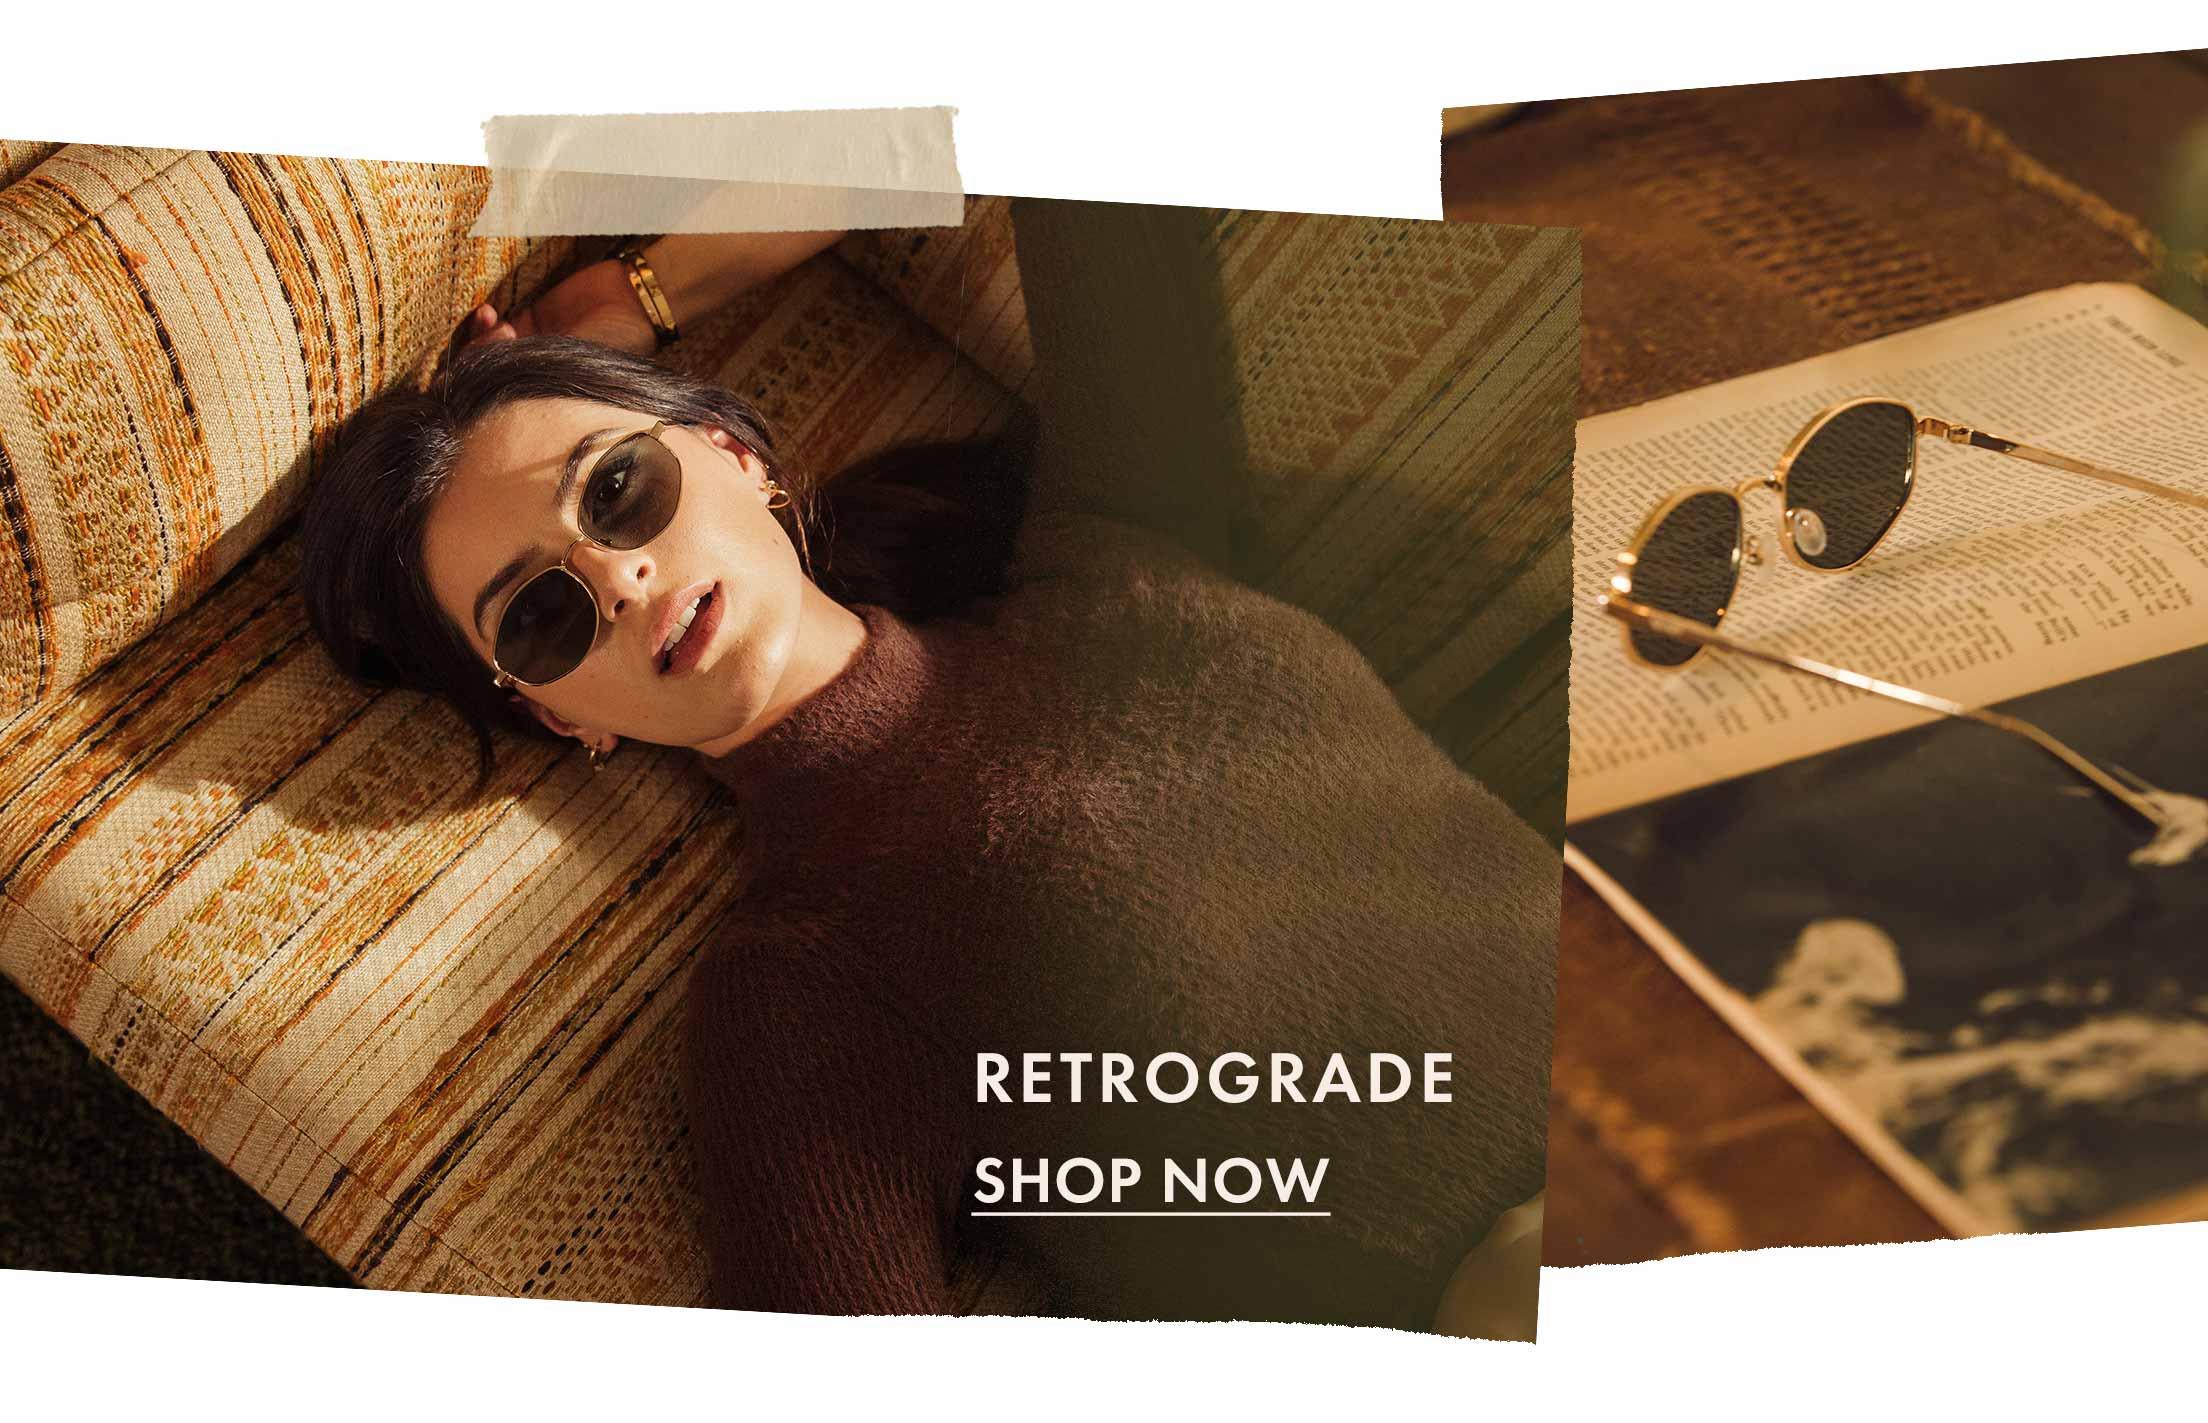 Retrograde: Shop Now